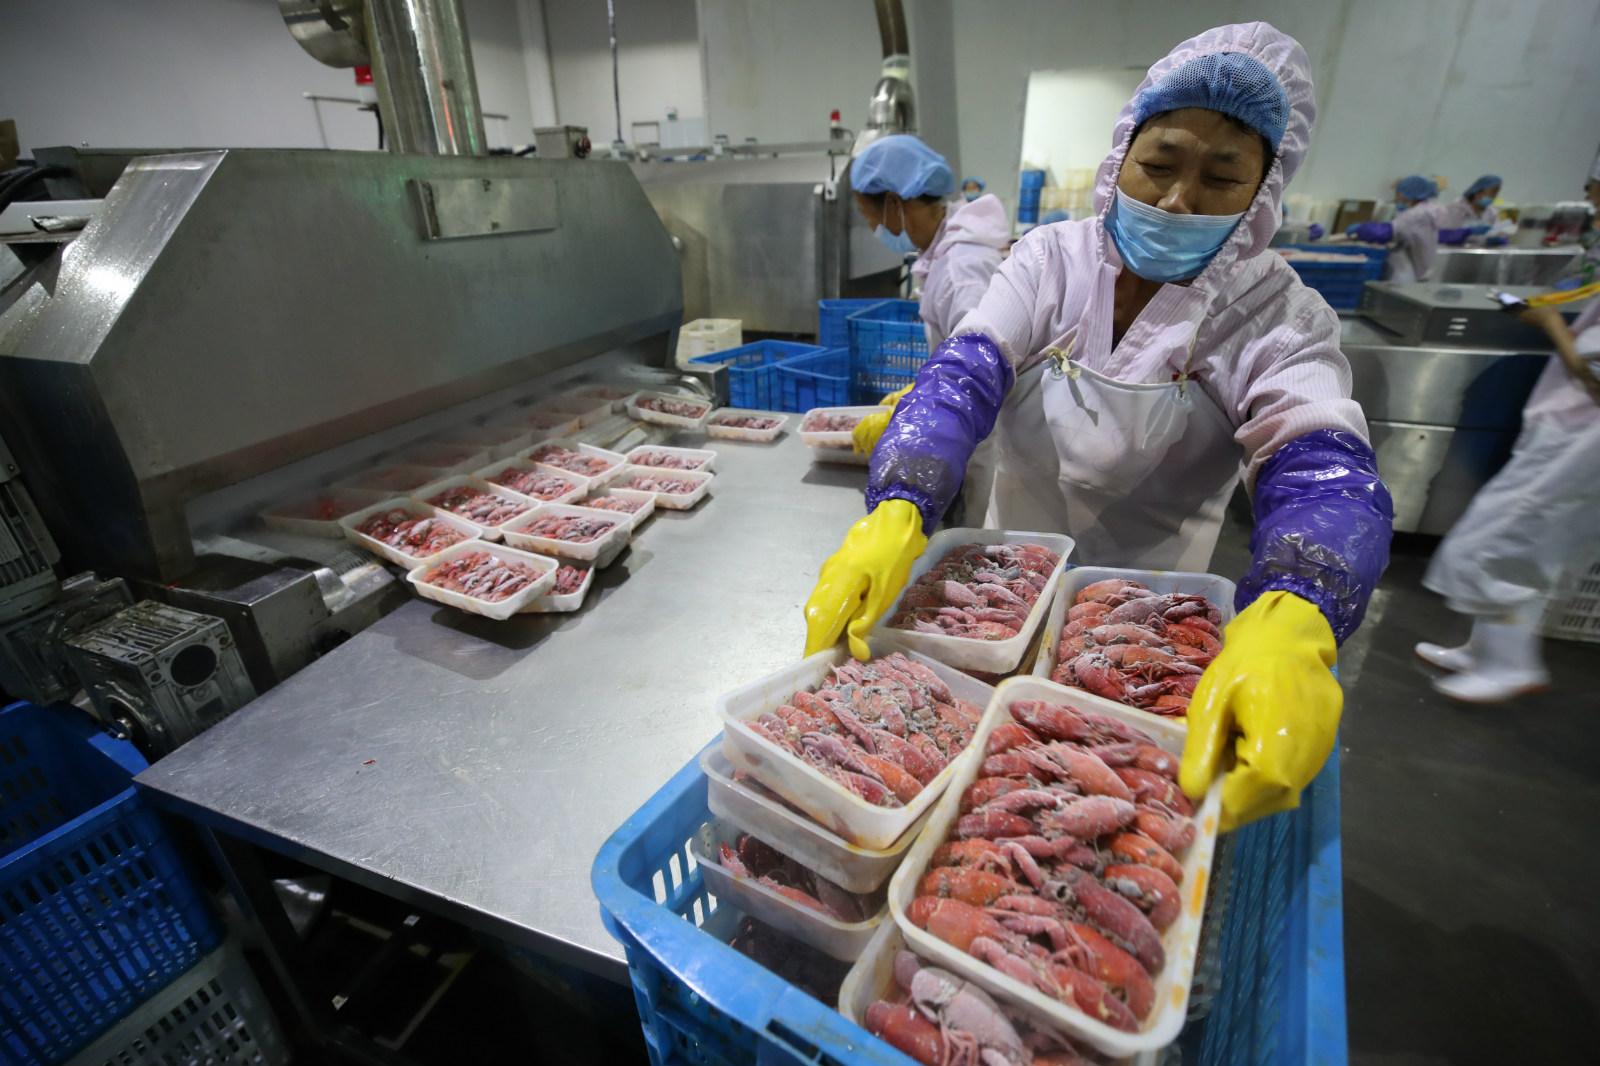 5月30日,湖北省石首市一家小龙虾生产加工园里,经过液氮冷冻的下龙虾被运出生产线。 (2)_meitu_7